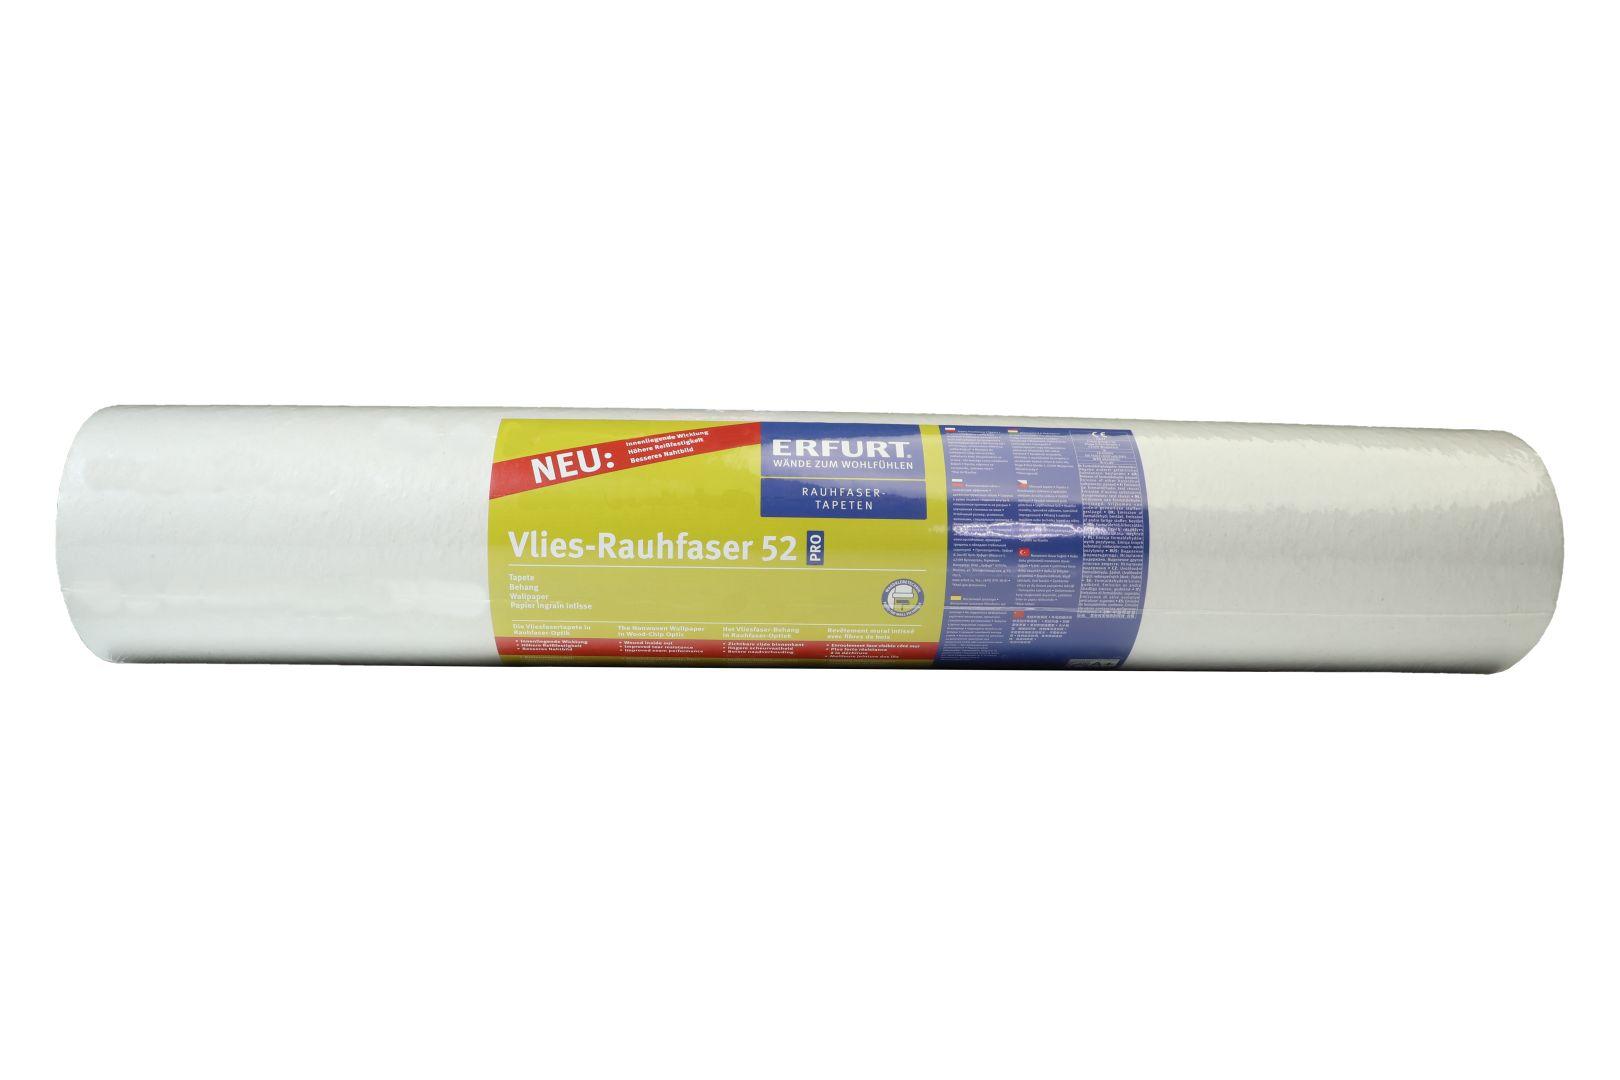 ERFURT Vlies-Rauhfaser Tapete 52 Pro, klassische Struktur, 25 x 0,75 m, ausreichend für 18,75 m², Rolle